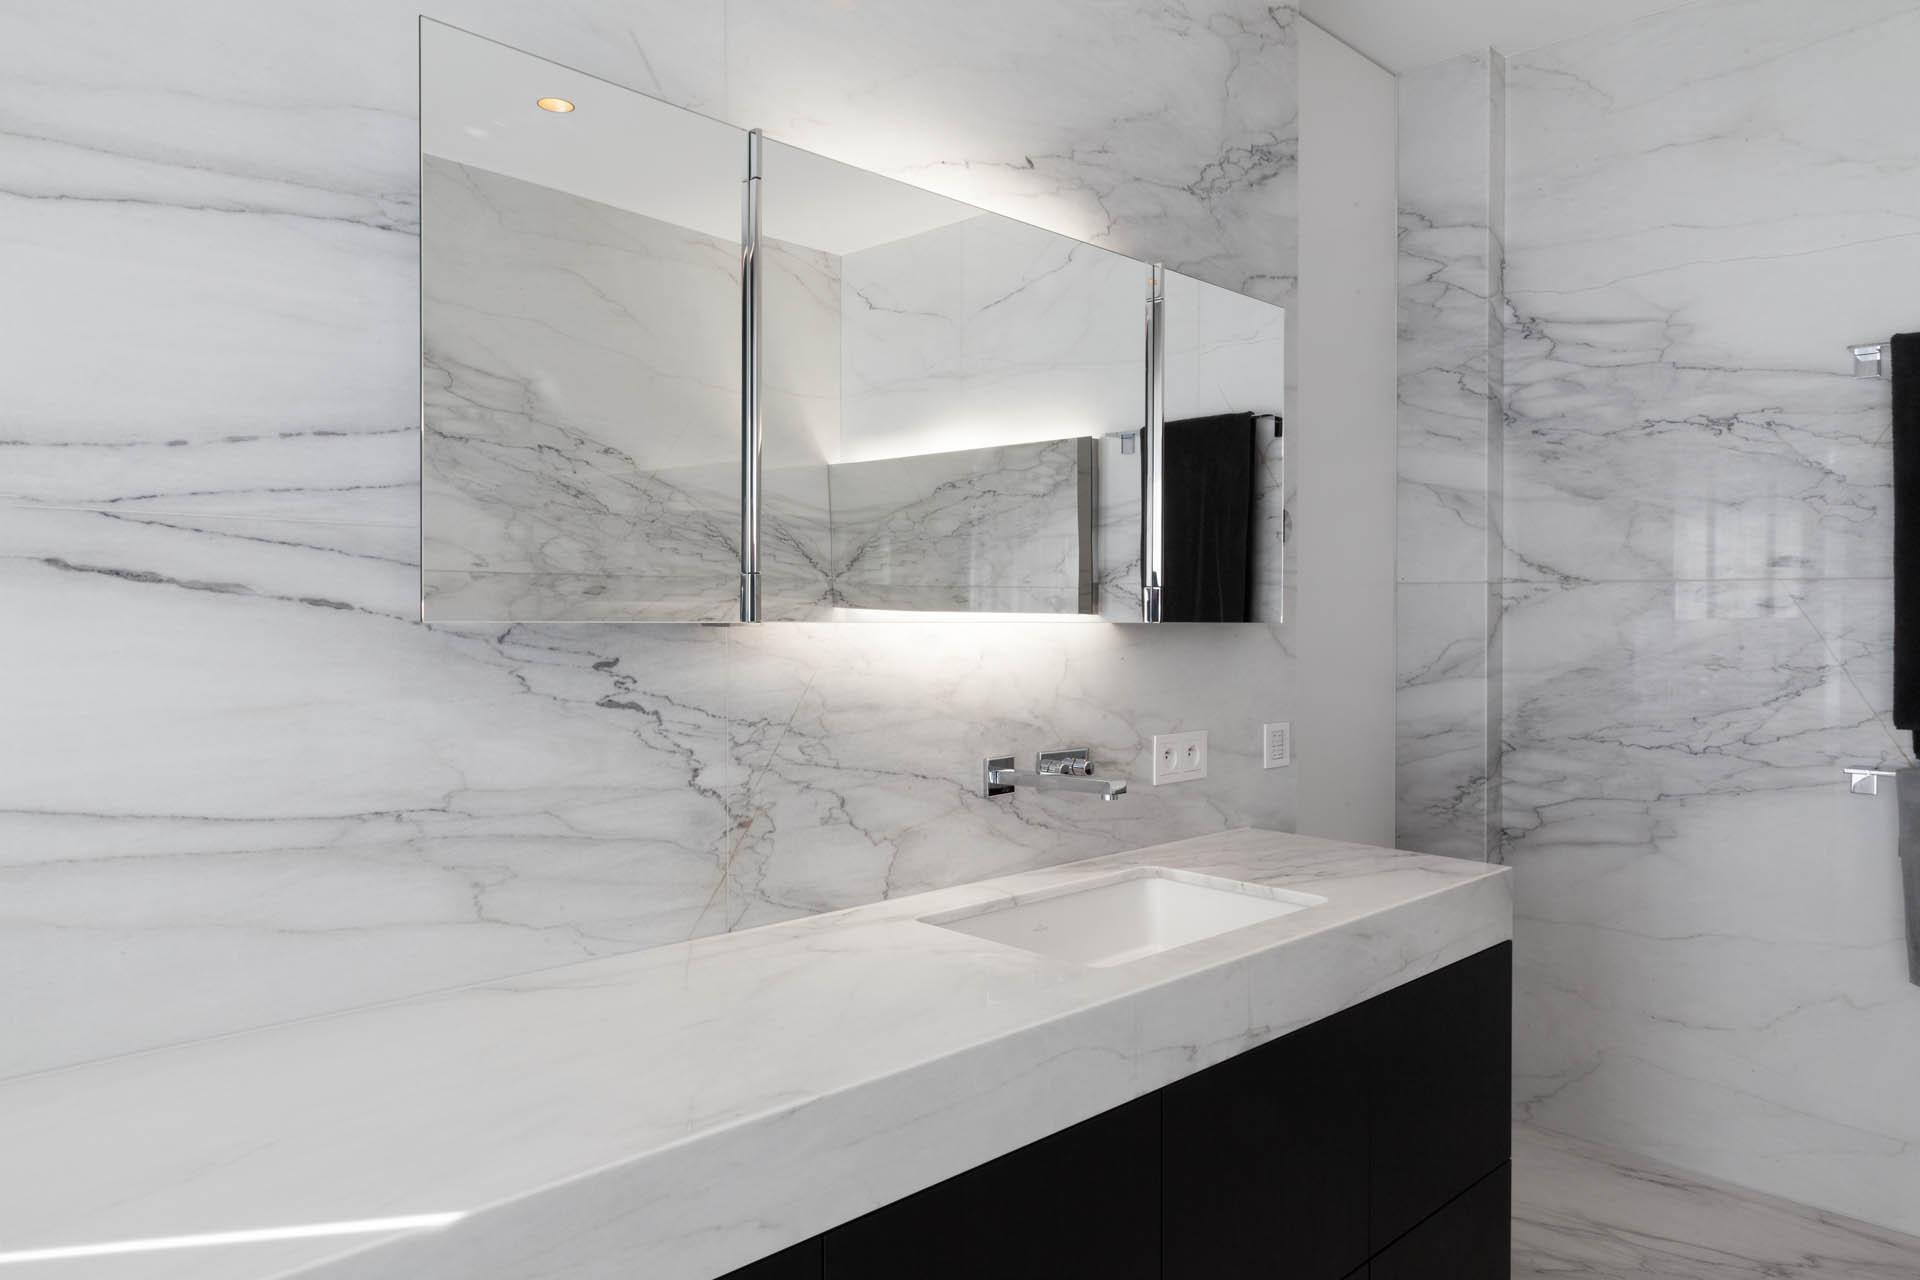 Rahmenlose Designspiegel in Kombination mit Marmorwandfliesen sind der Innbegriff modernen Baddesigns